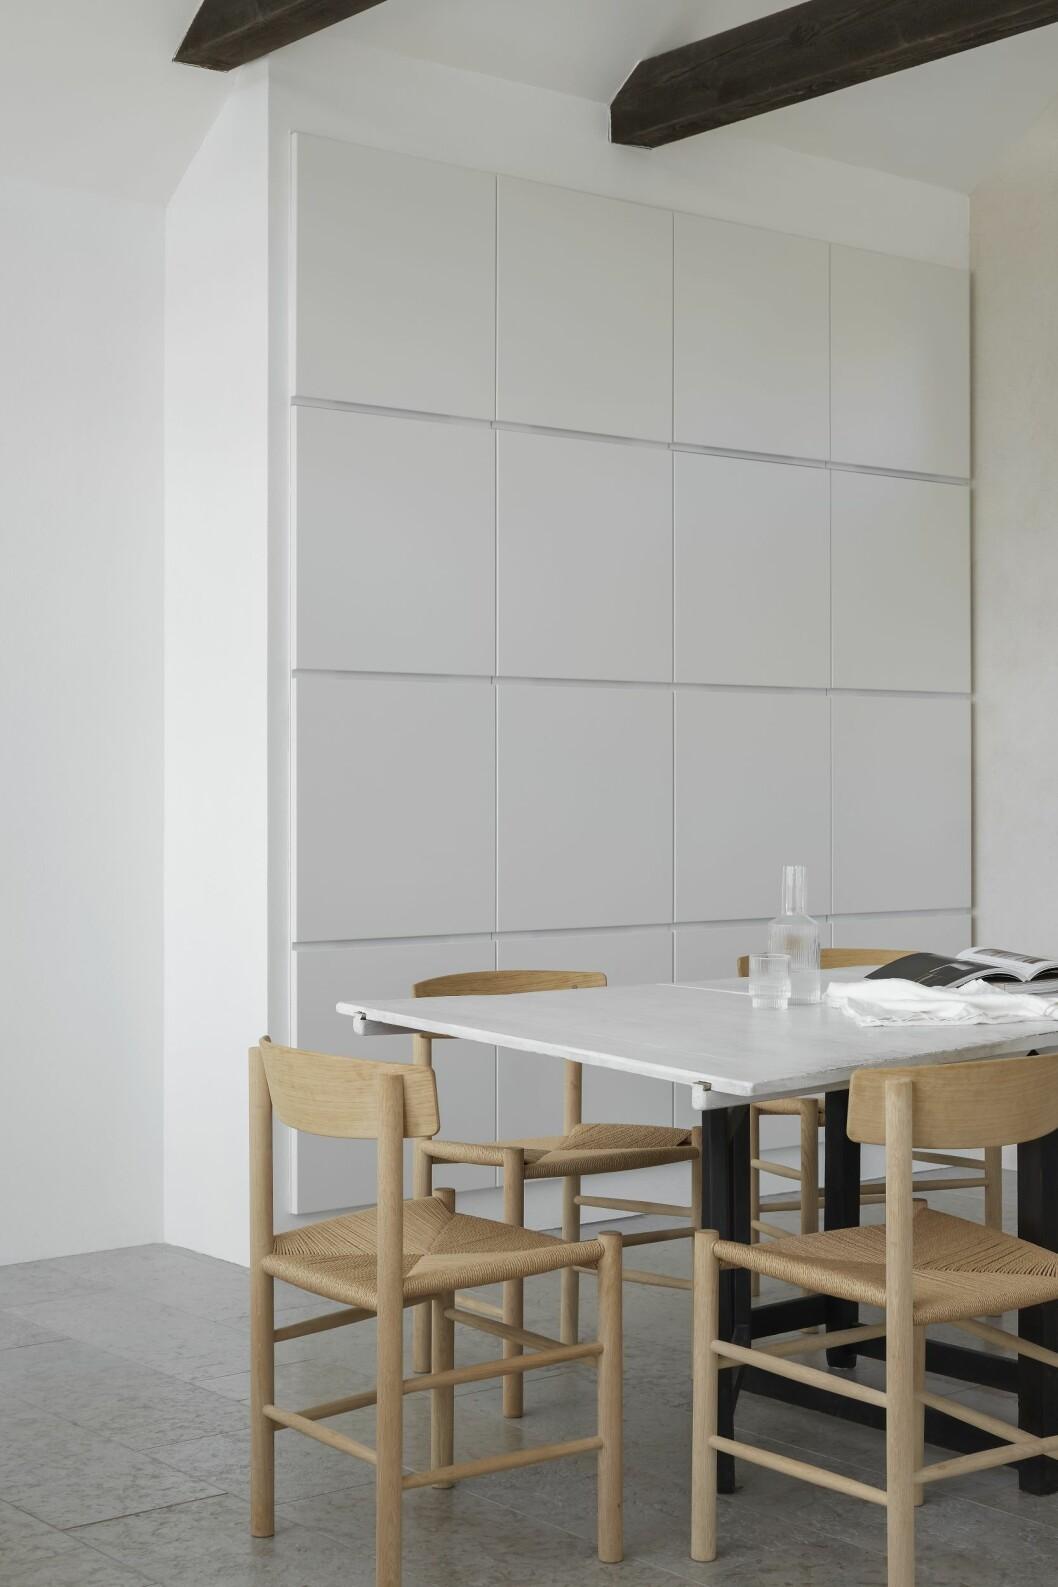 Fyra garderober från Kvik vid matplatsen. Vitmålat matbord, antikt. Stolar J39 ritade av Børge Mogensen, Fredericia. Kanna och glas från Ferm Living.